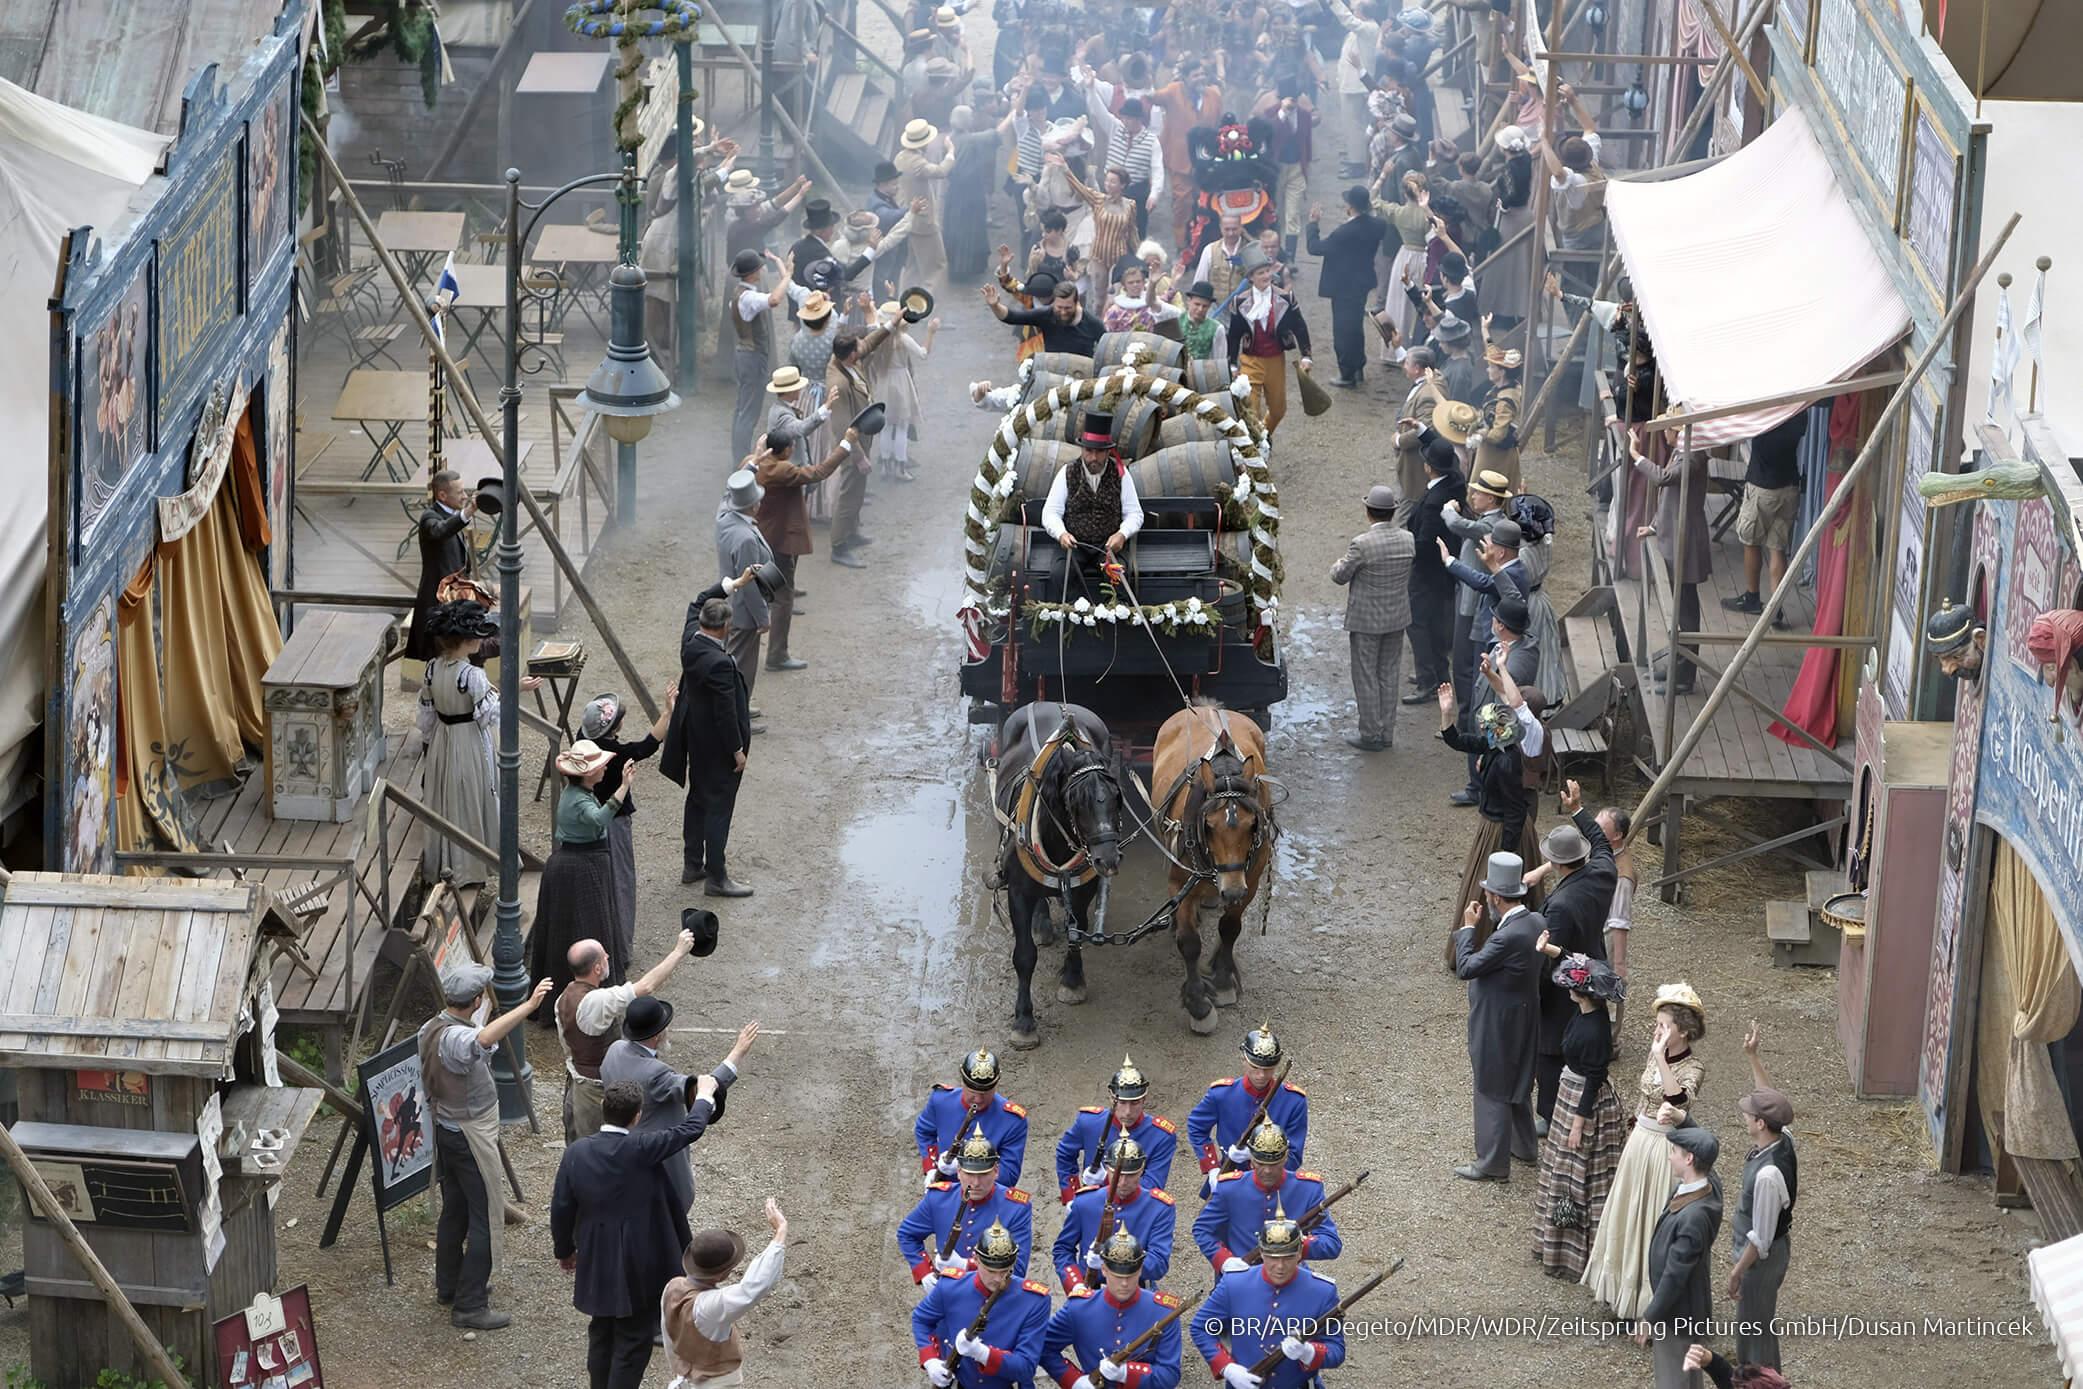 Der Oktoberfesteinzug in der Serie Oktoberfest 1900